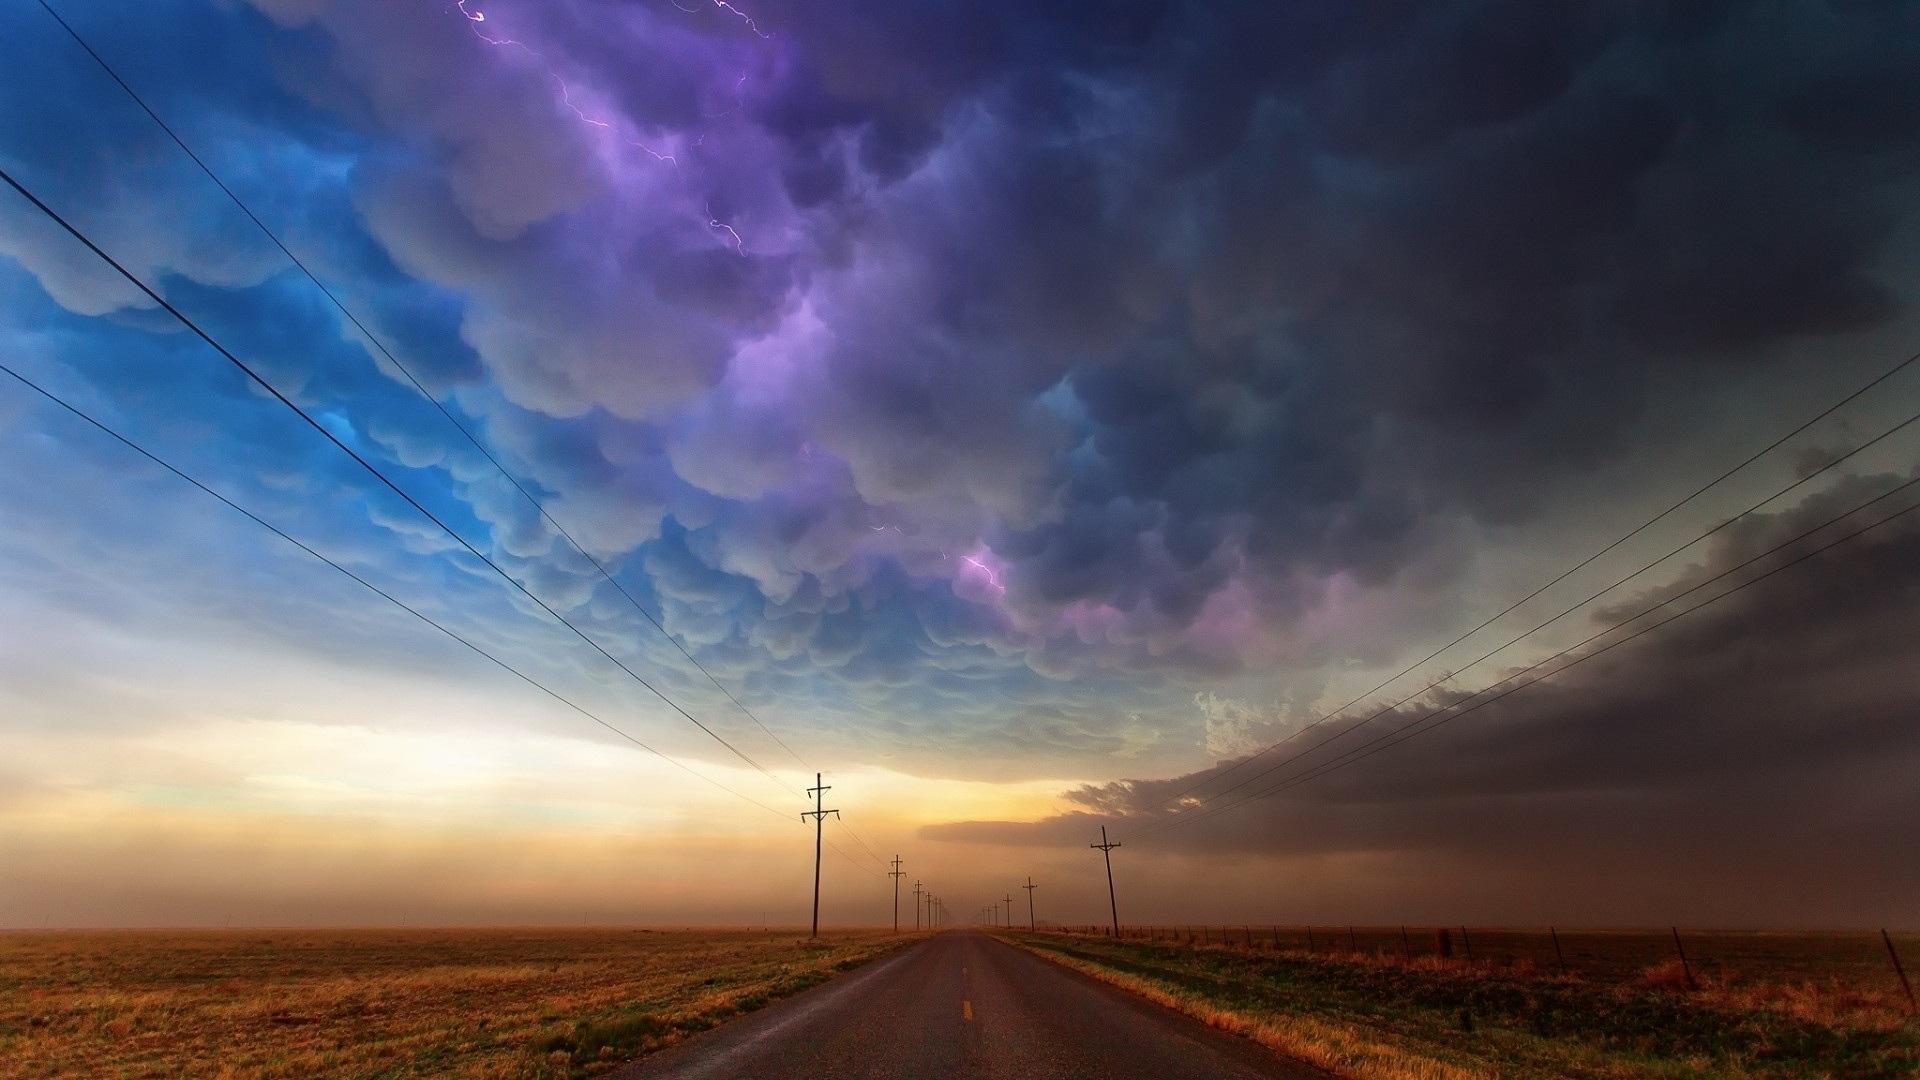 Cloud Nature Road Sky Storm 1920x1080